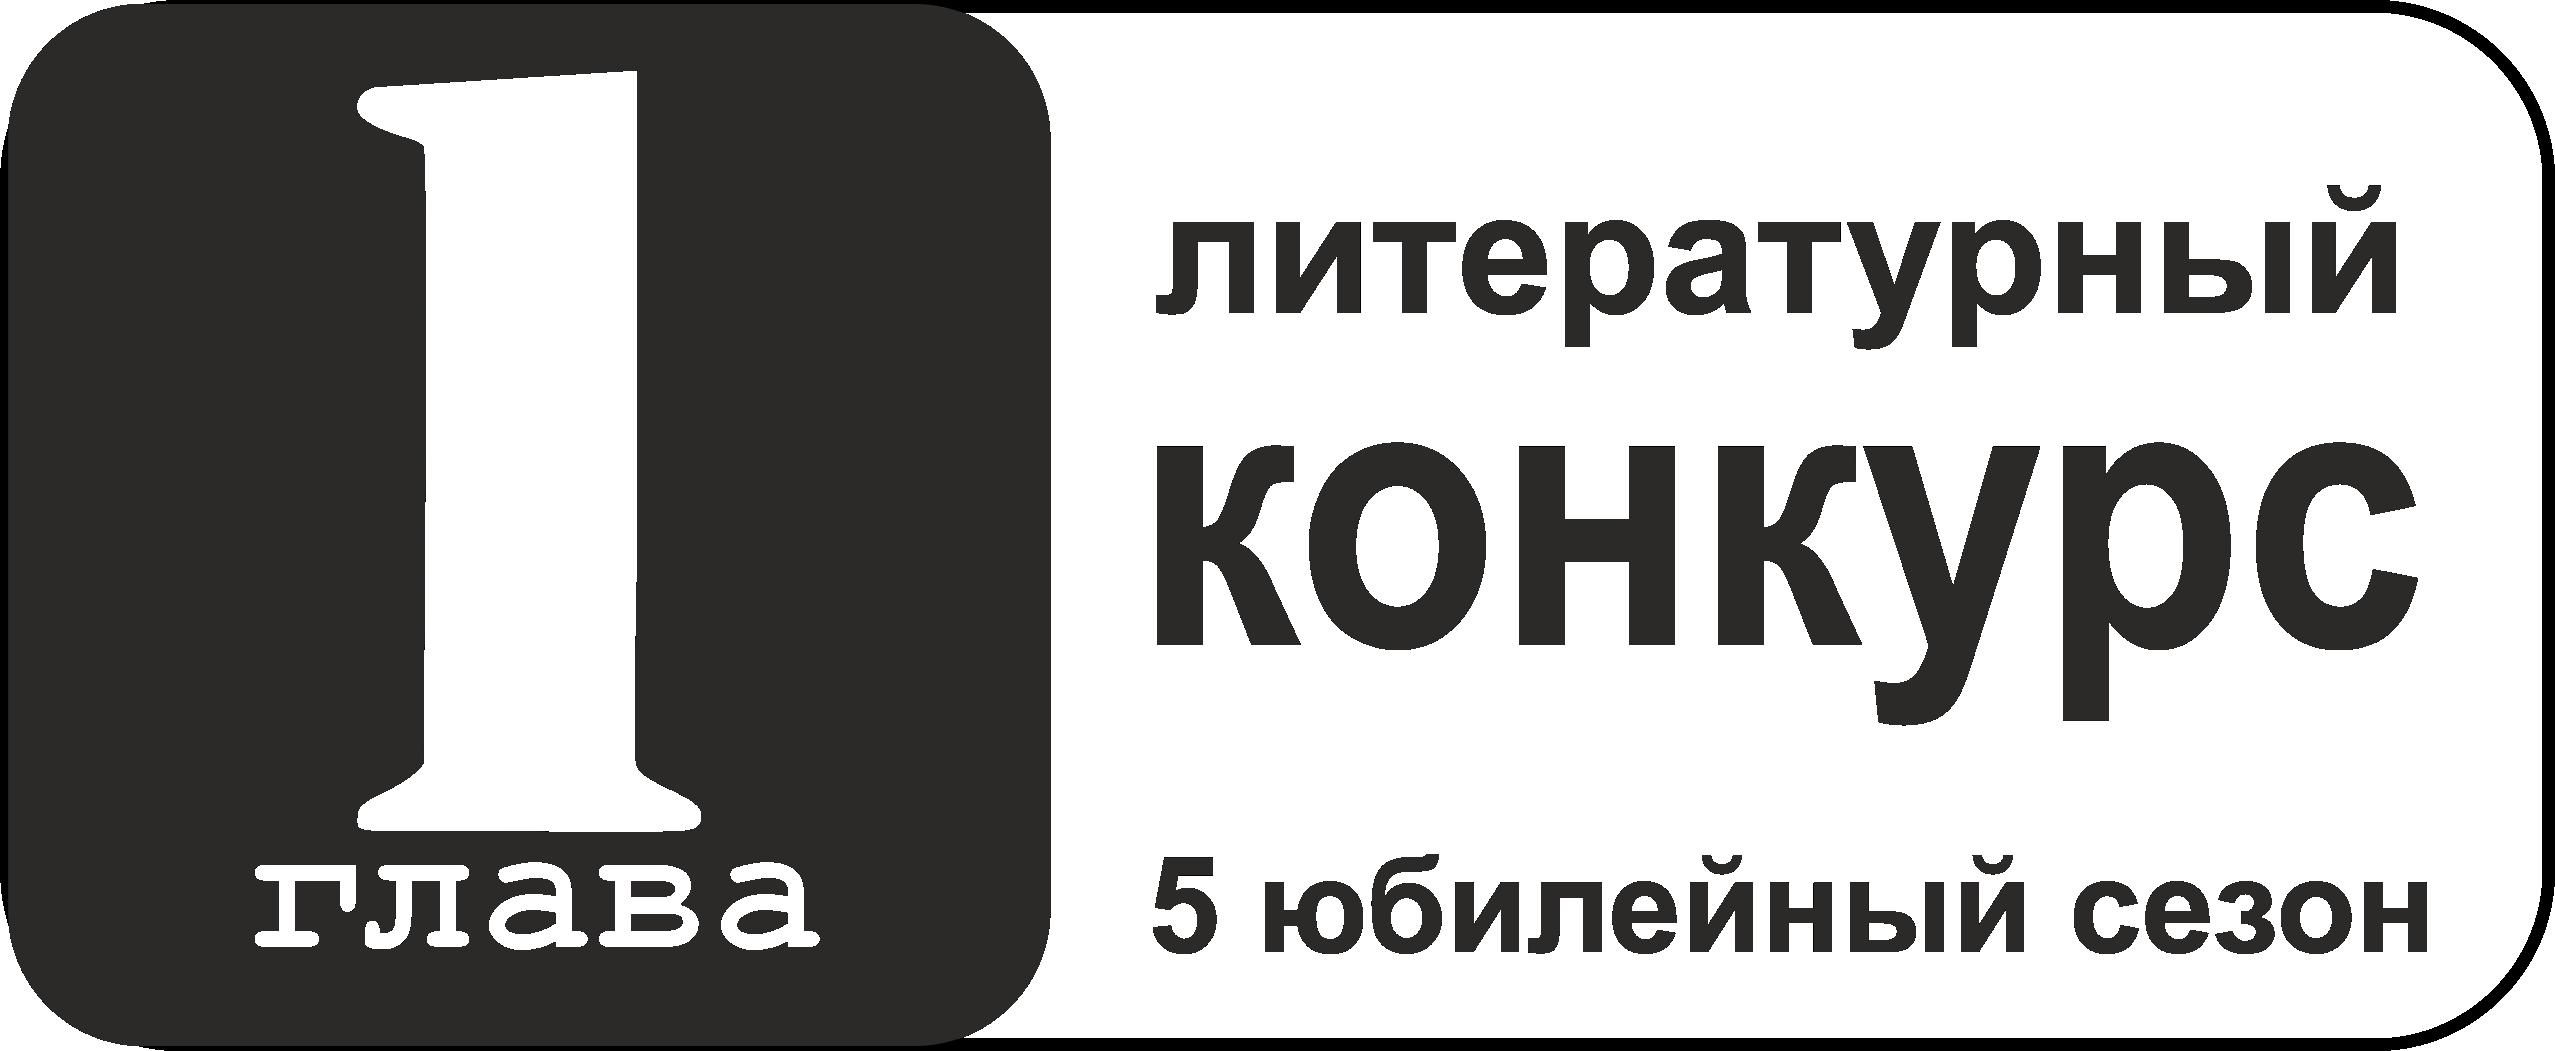 Открытки, обои и аватары